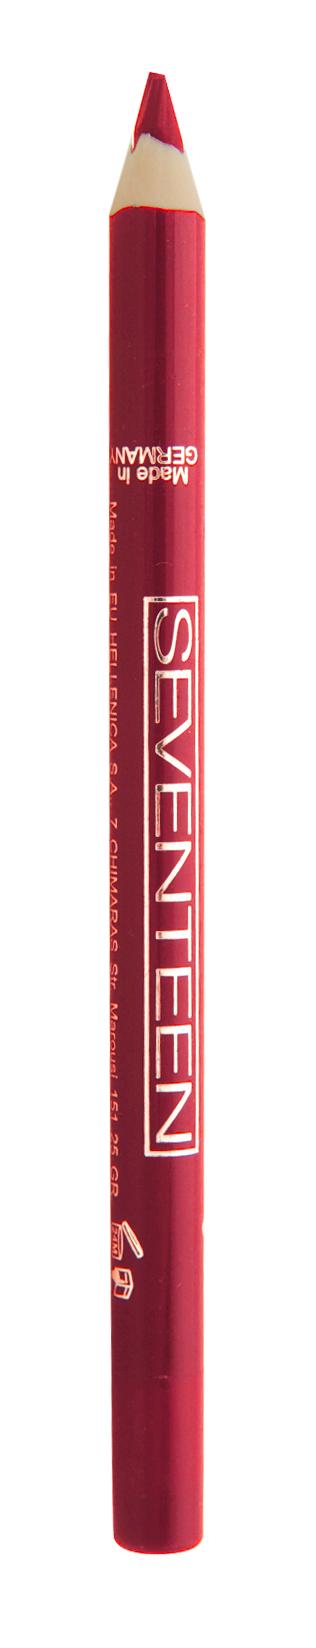 SEVENTEEN Карандаш водостойкий с витамином Е для губ, 14 насыщенный красный / Super Smooth W/P Lip Liner 1,2 г